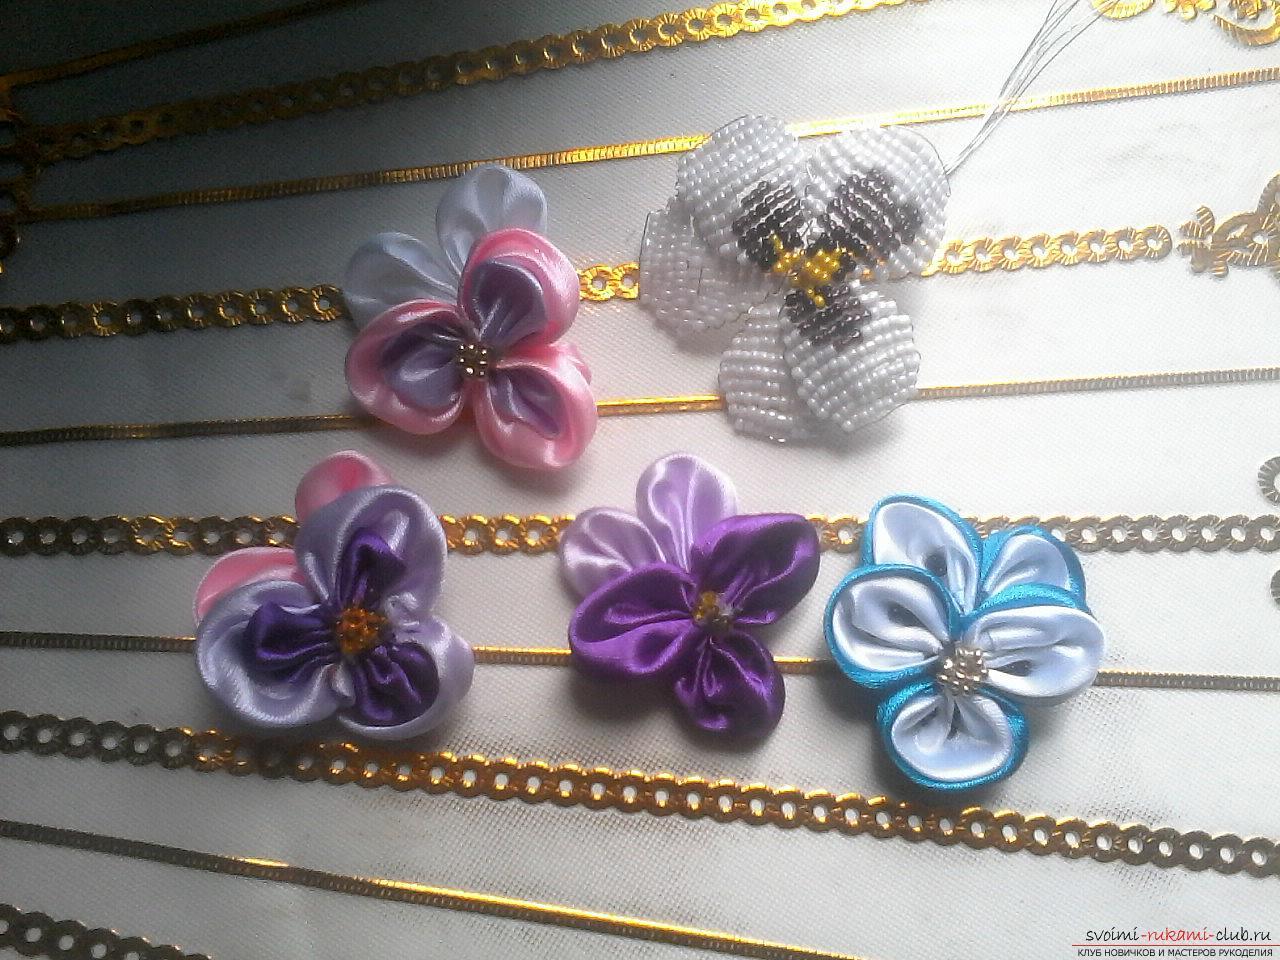 Цветы для украшения платья из ткани своими руками - Pinterest